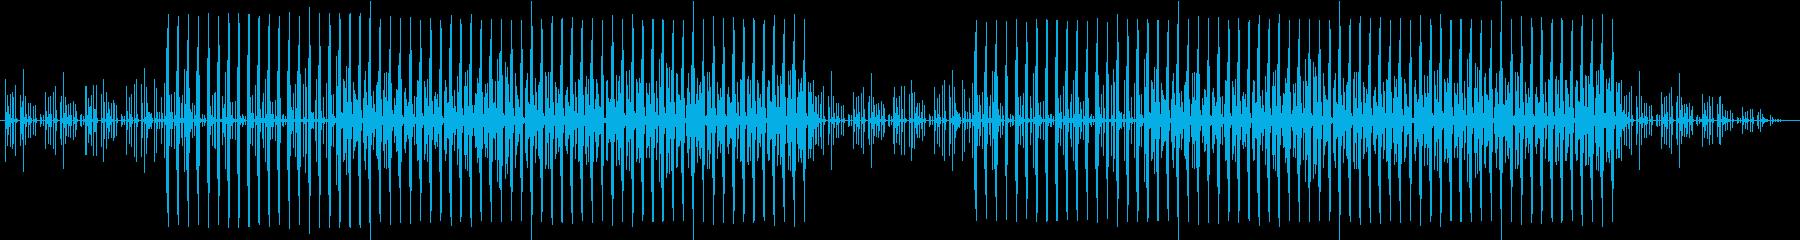 軽快なリズムの楽曲の再生済みの波形